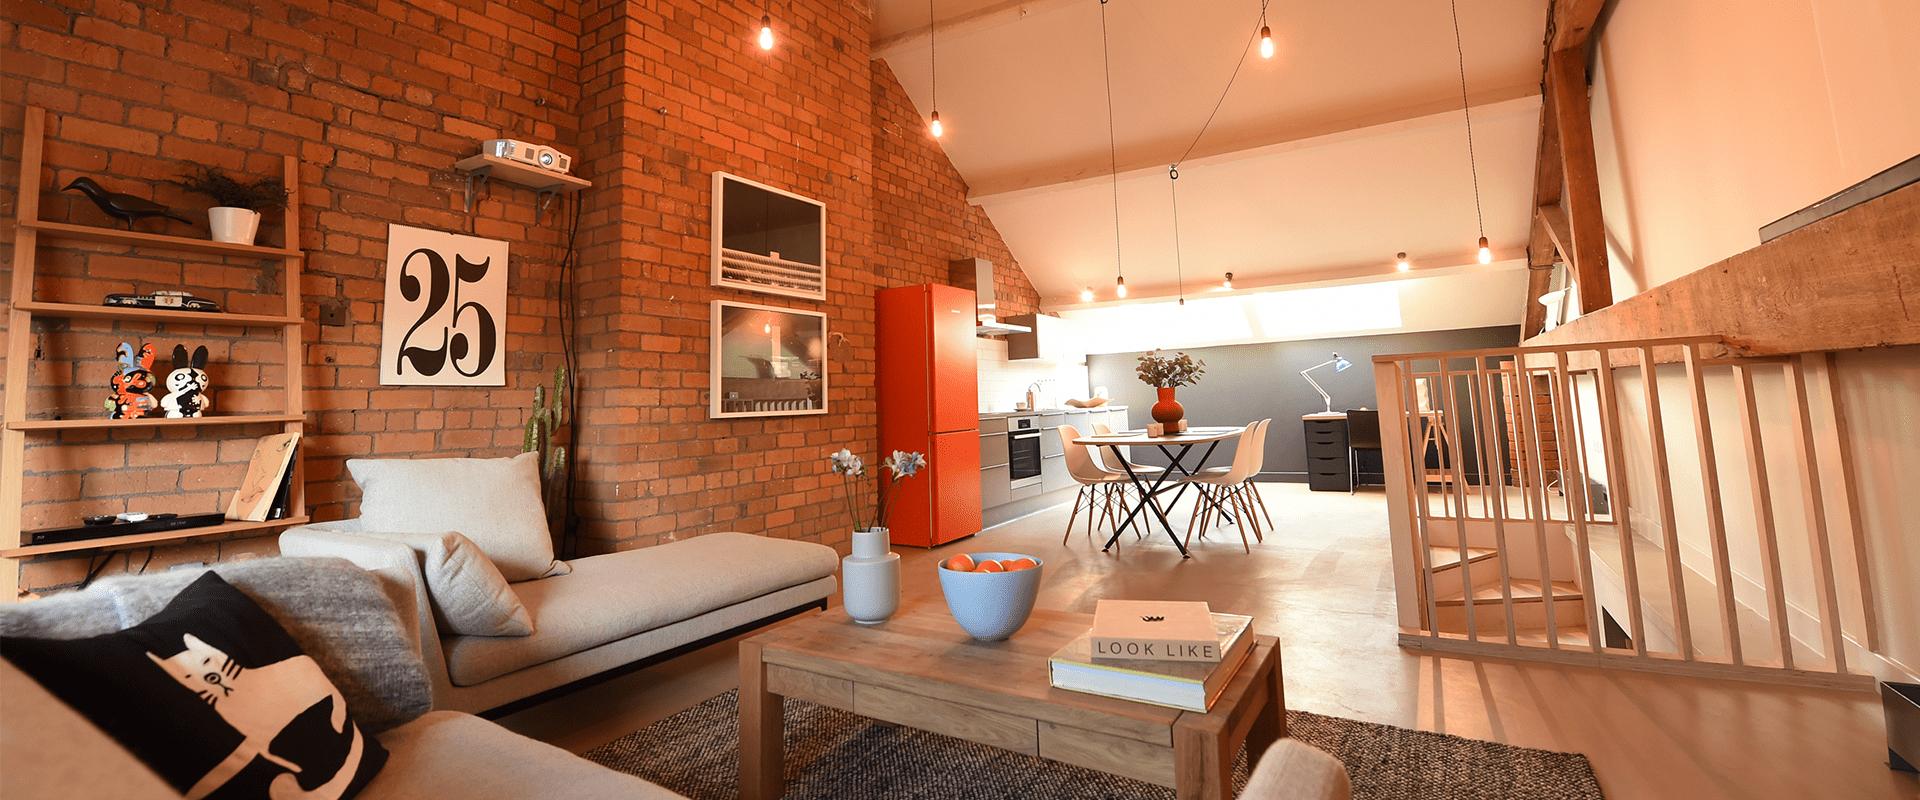 The Union Lofts development features Liebherr ColourLine range